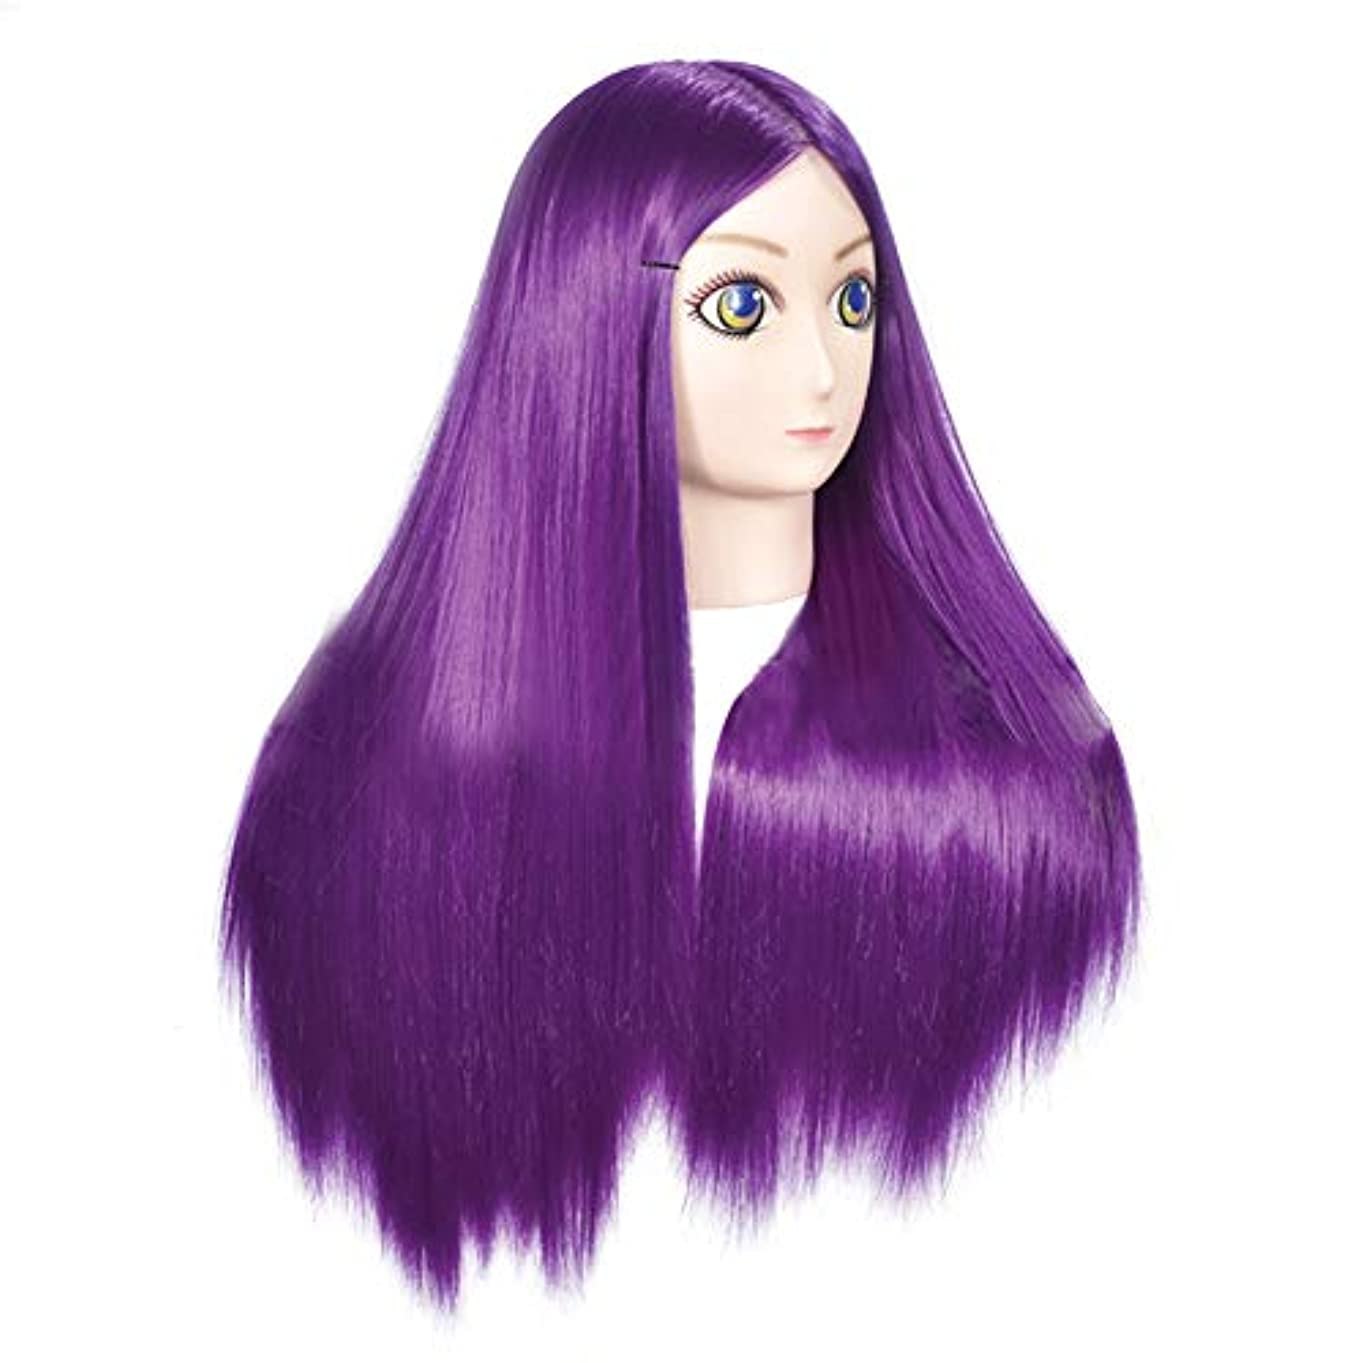 モディッシュコース無駄に高温シルクヘアスタイリングモデルヘッド女性モデルヘッドティーチングヘッド理髪店編組髪染め学習ダミーヘッド